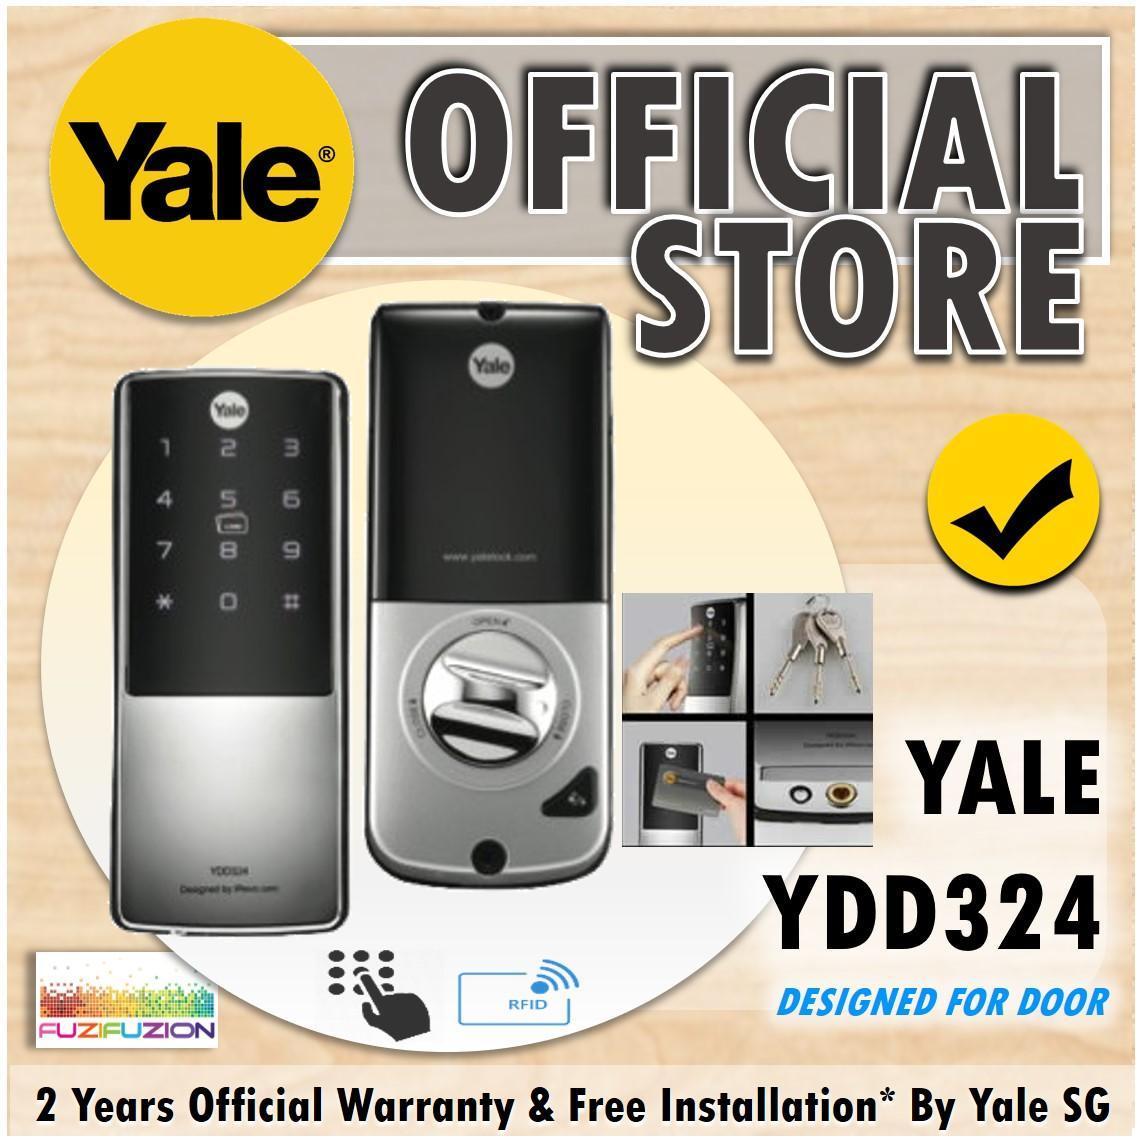 Yale YDD324 RFID Deadbolt Digital Door Lock